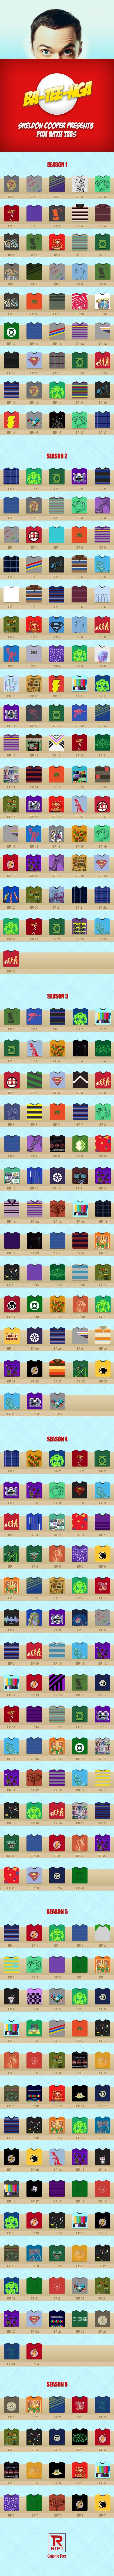 The big bang theory - sheldon tee shirts infographie